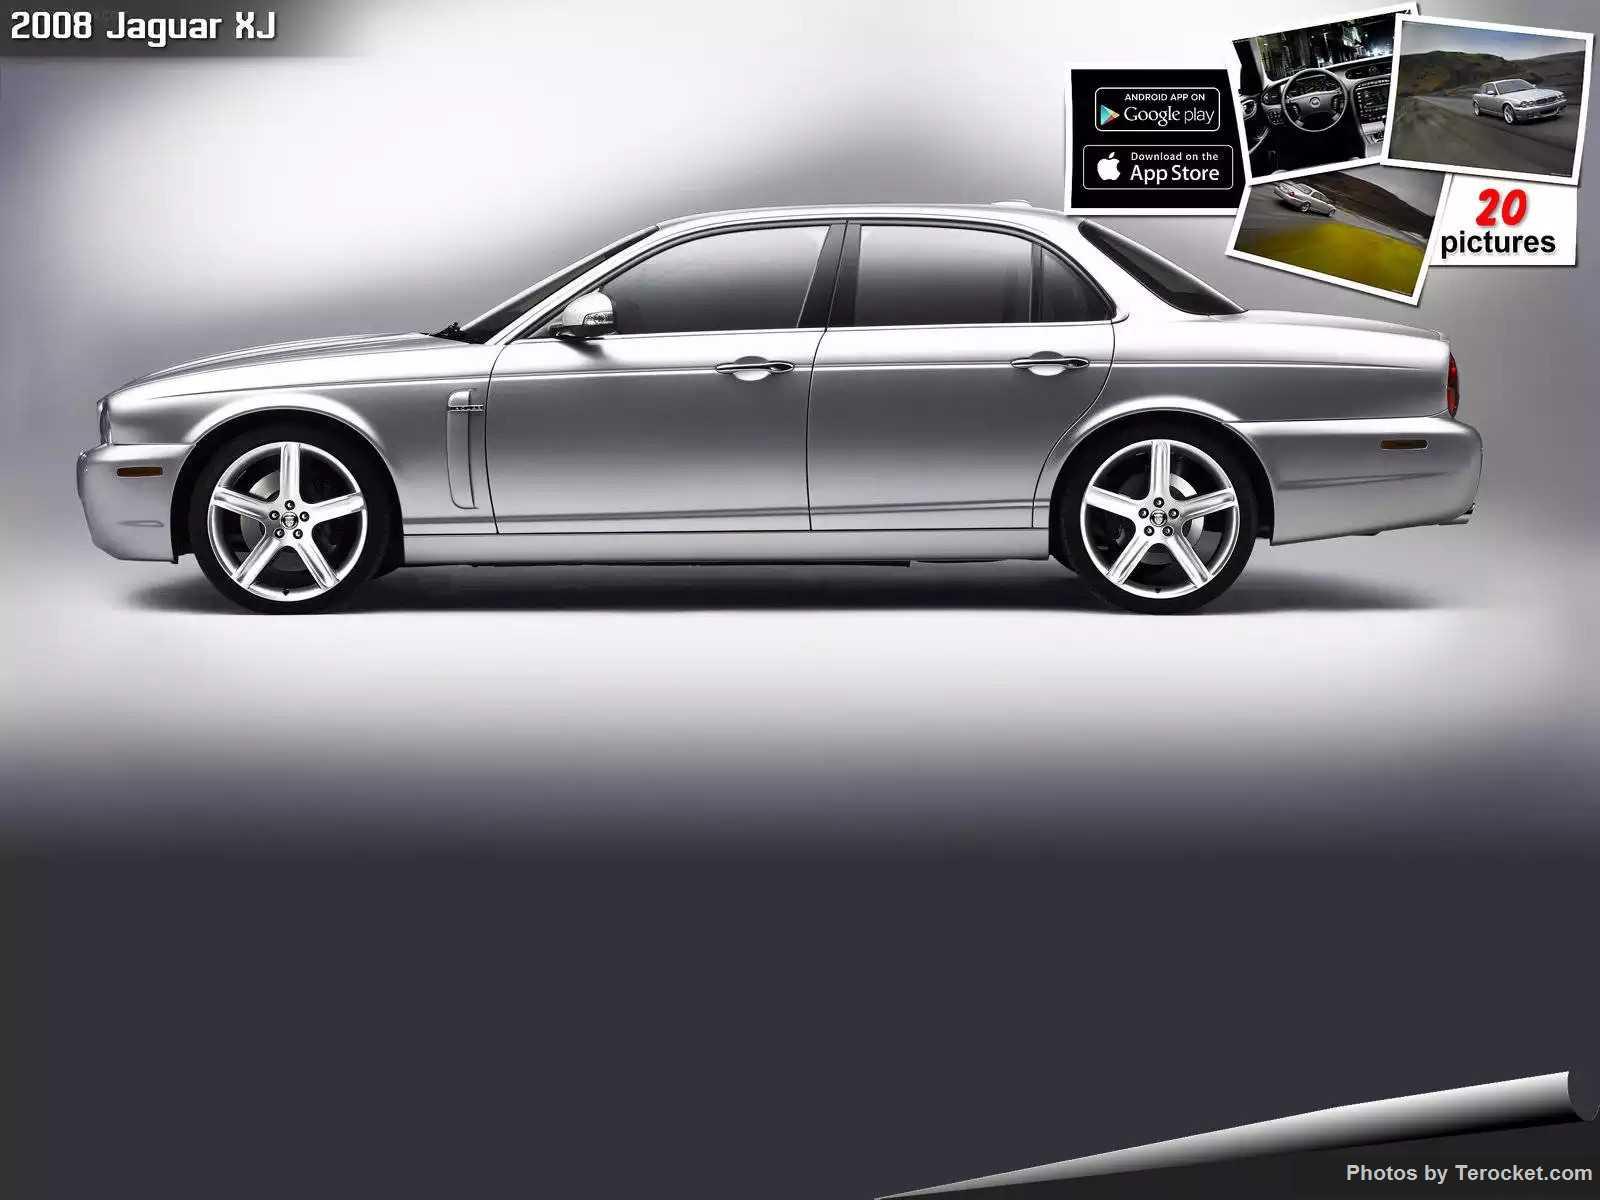 Hình ảnh xe ô tô Jaguar XJ 2008 & nội ngoại thất